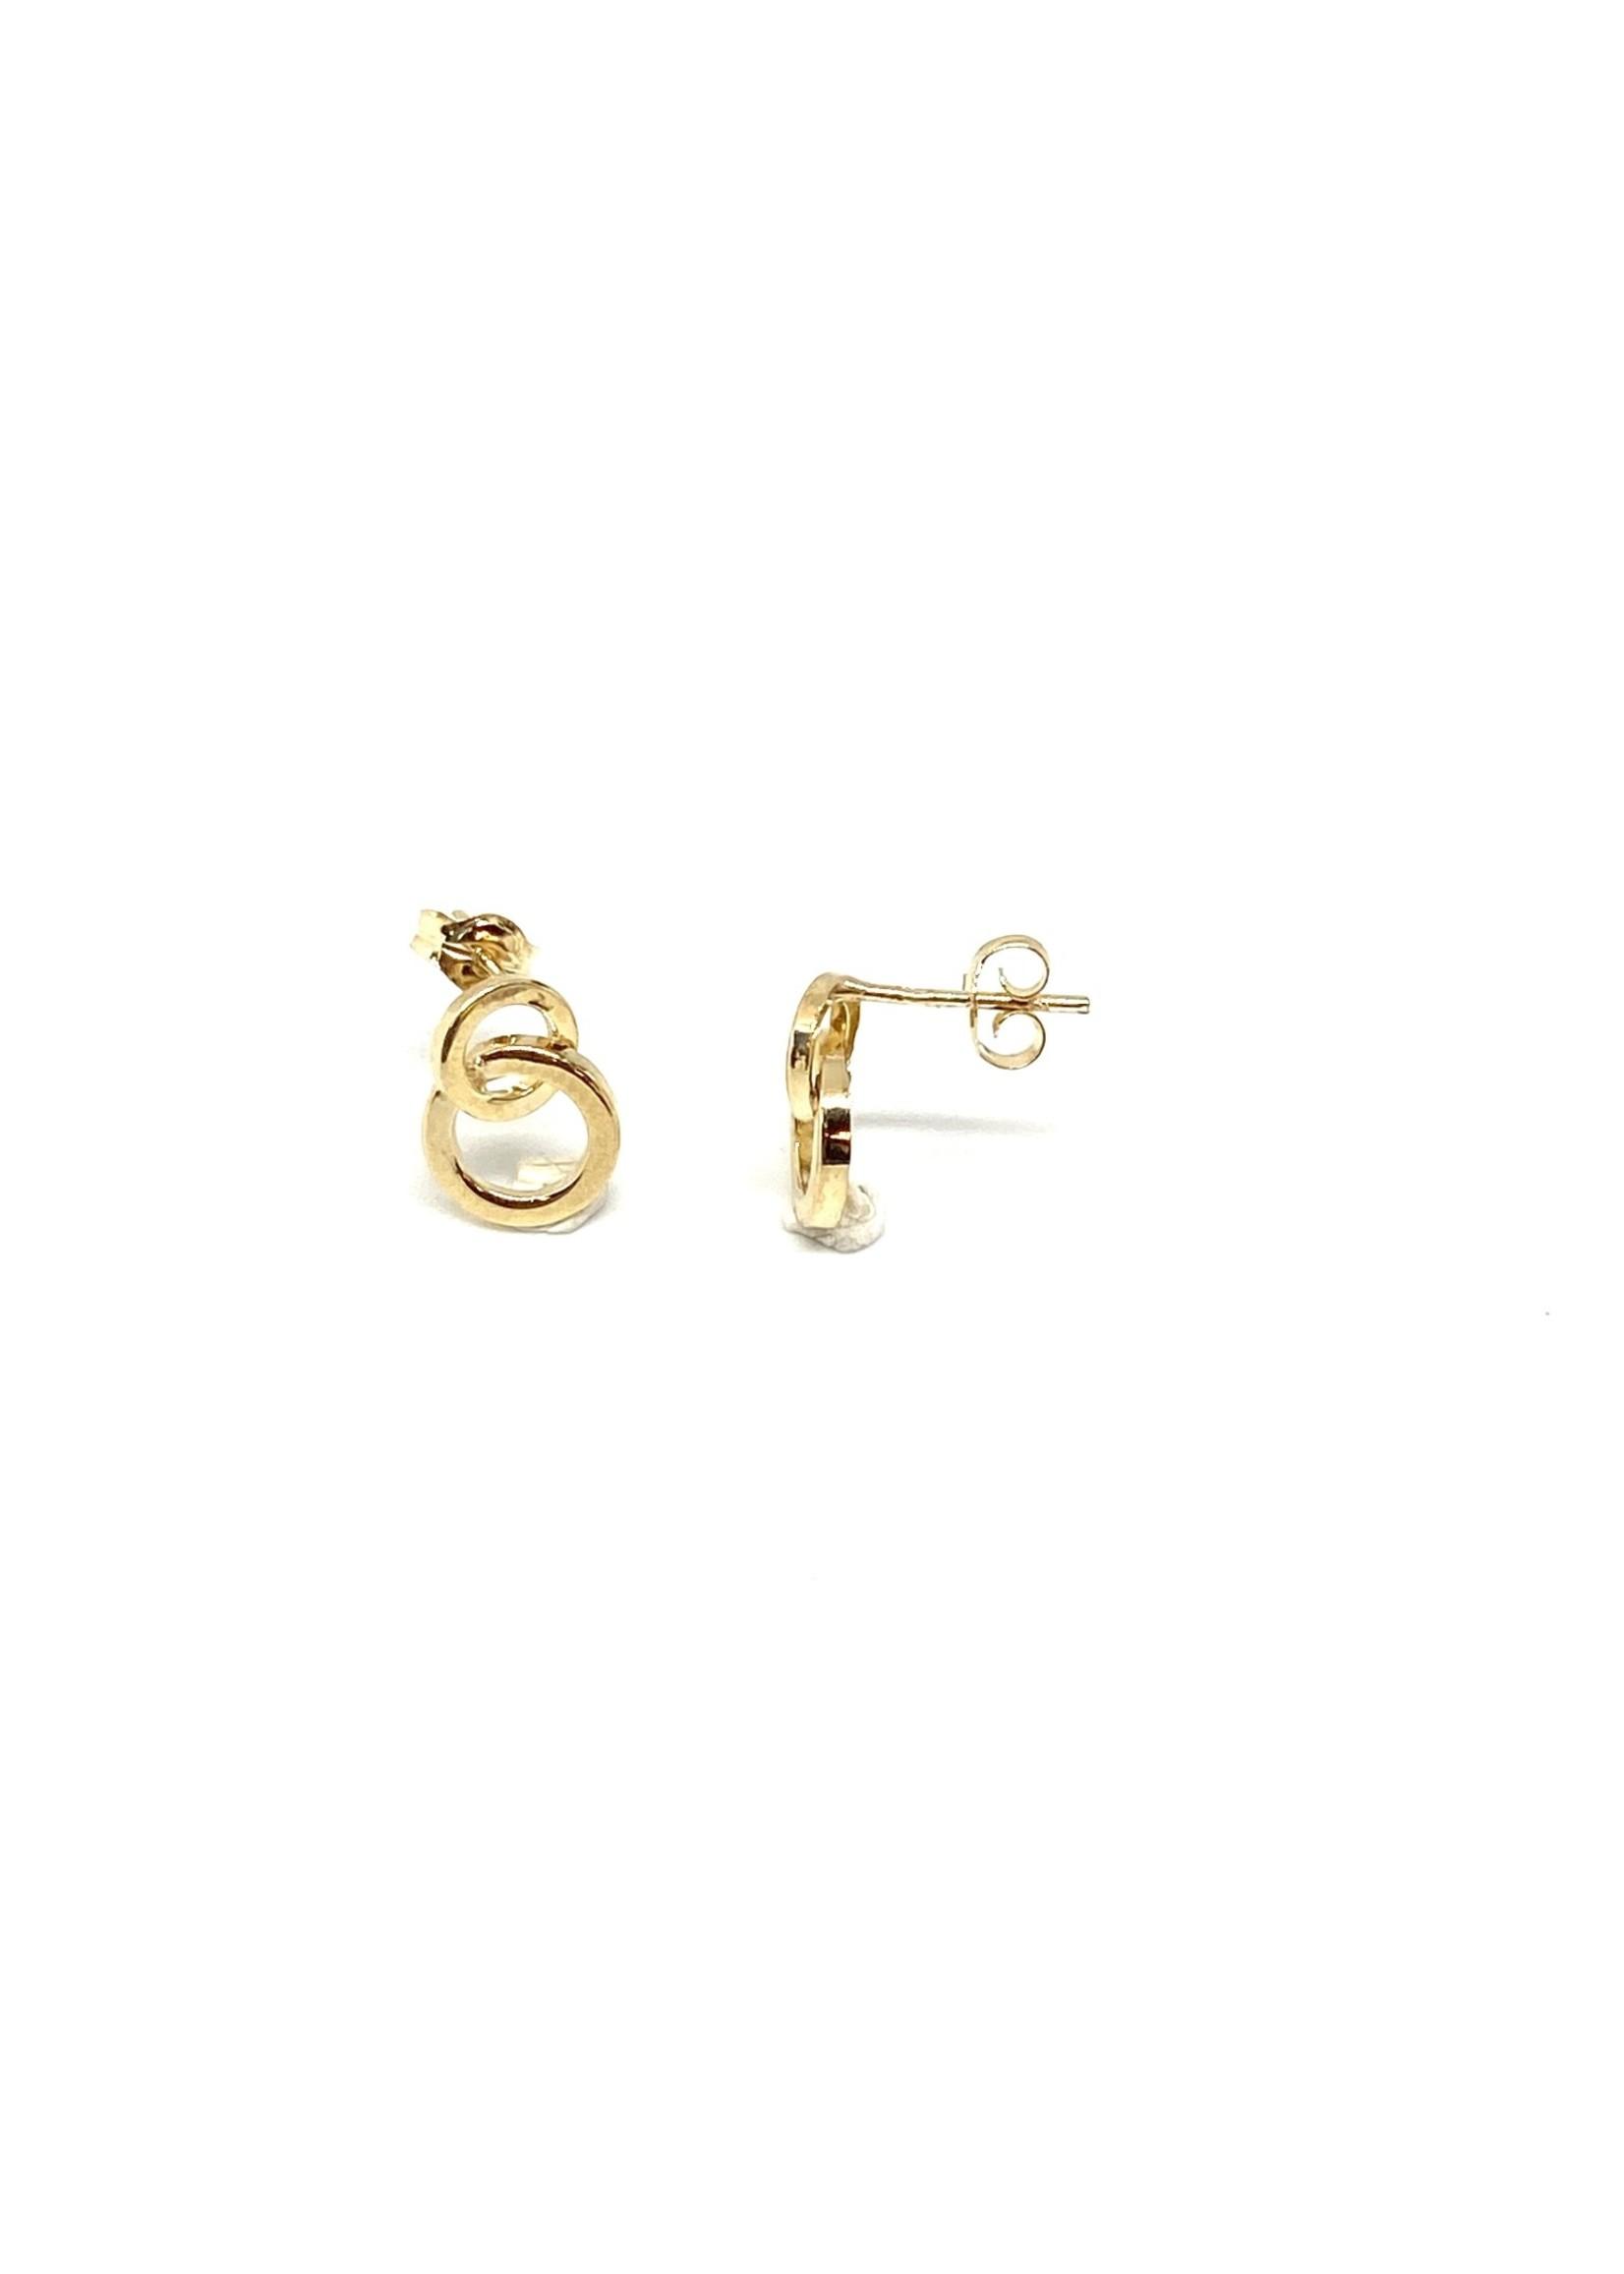 PARÉ Boucles d'oreilles Cercle minimaliste Or 10K